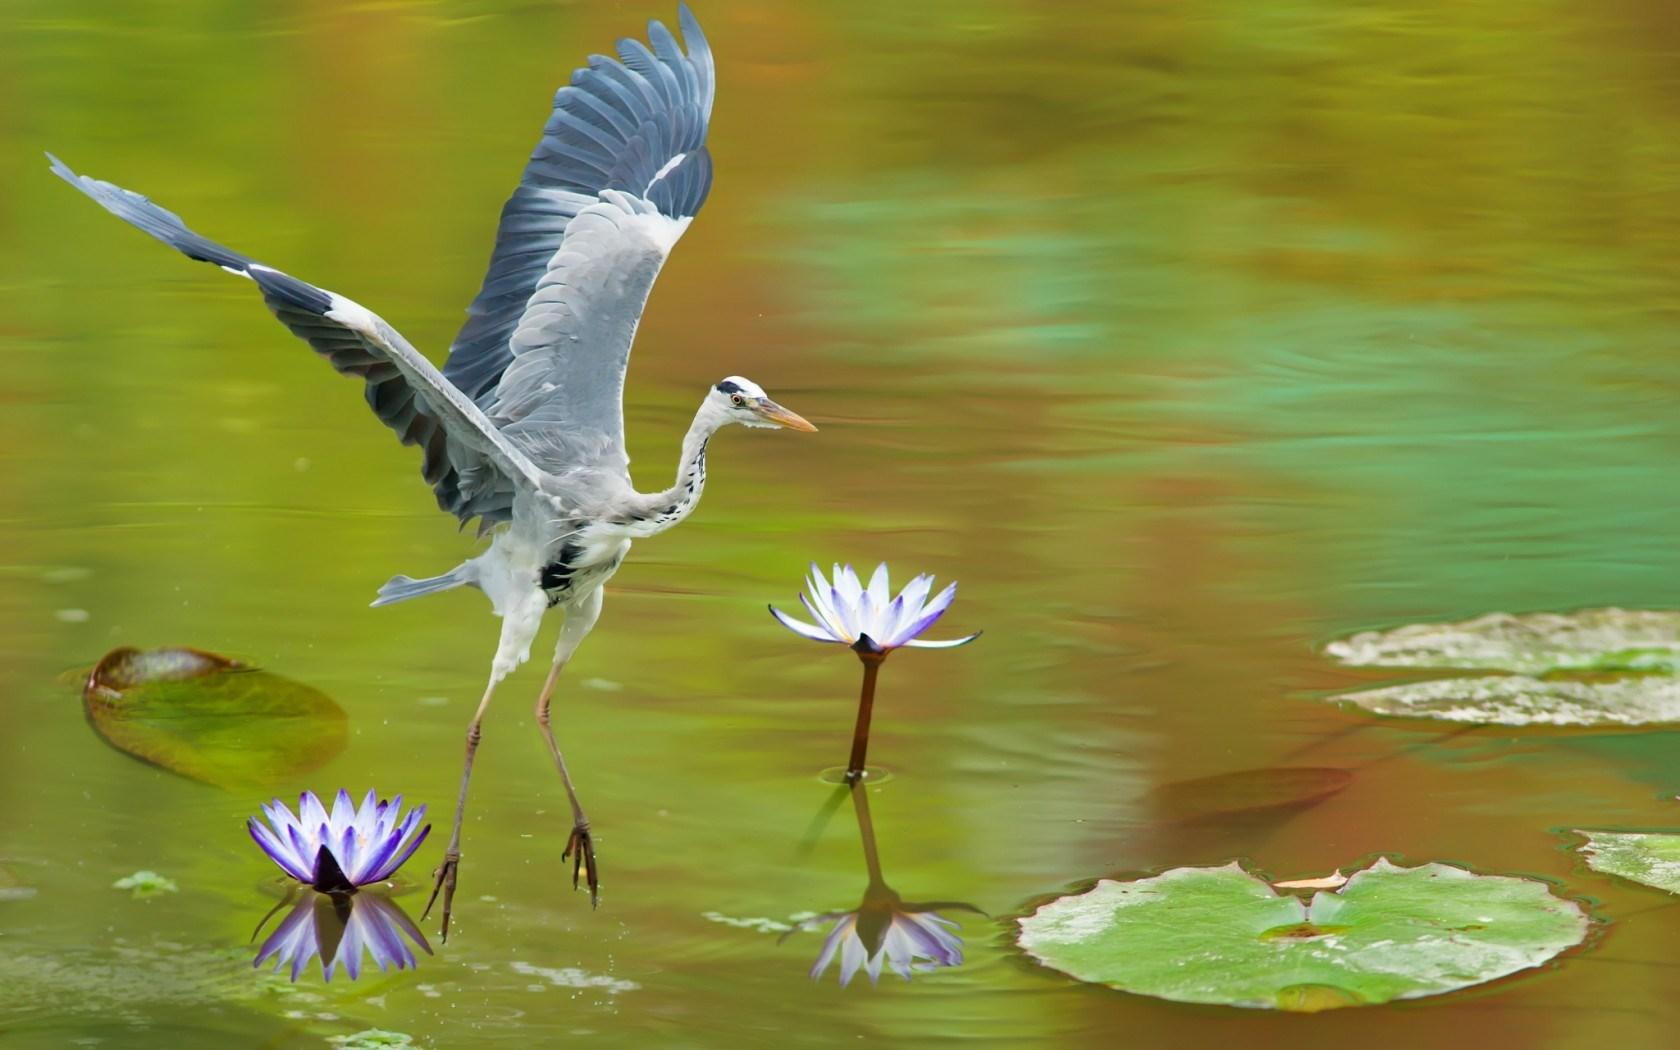 3d Live Wallpaper Free Download For Desktop Heron Wallpaper Hd Desktop Wallpapers 4k Hd